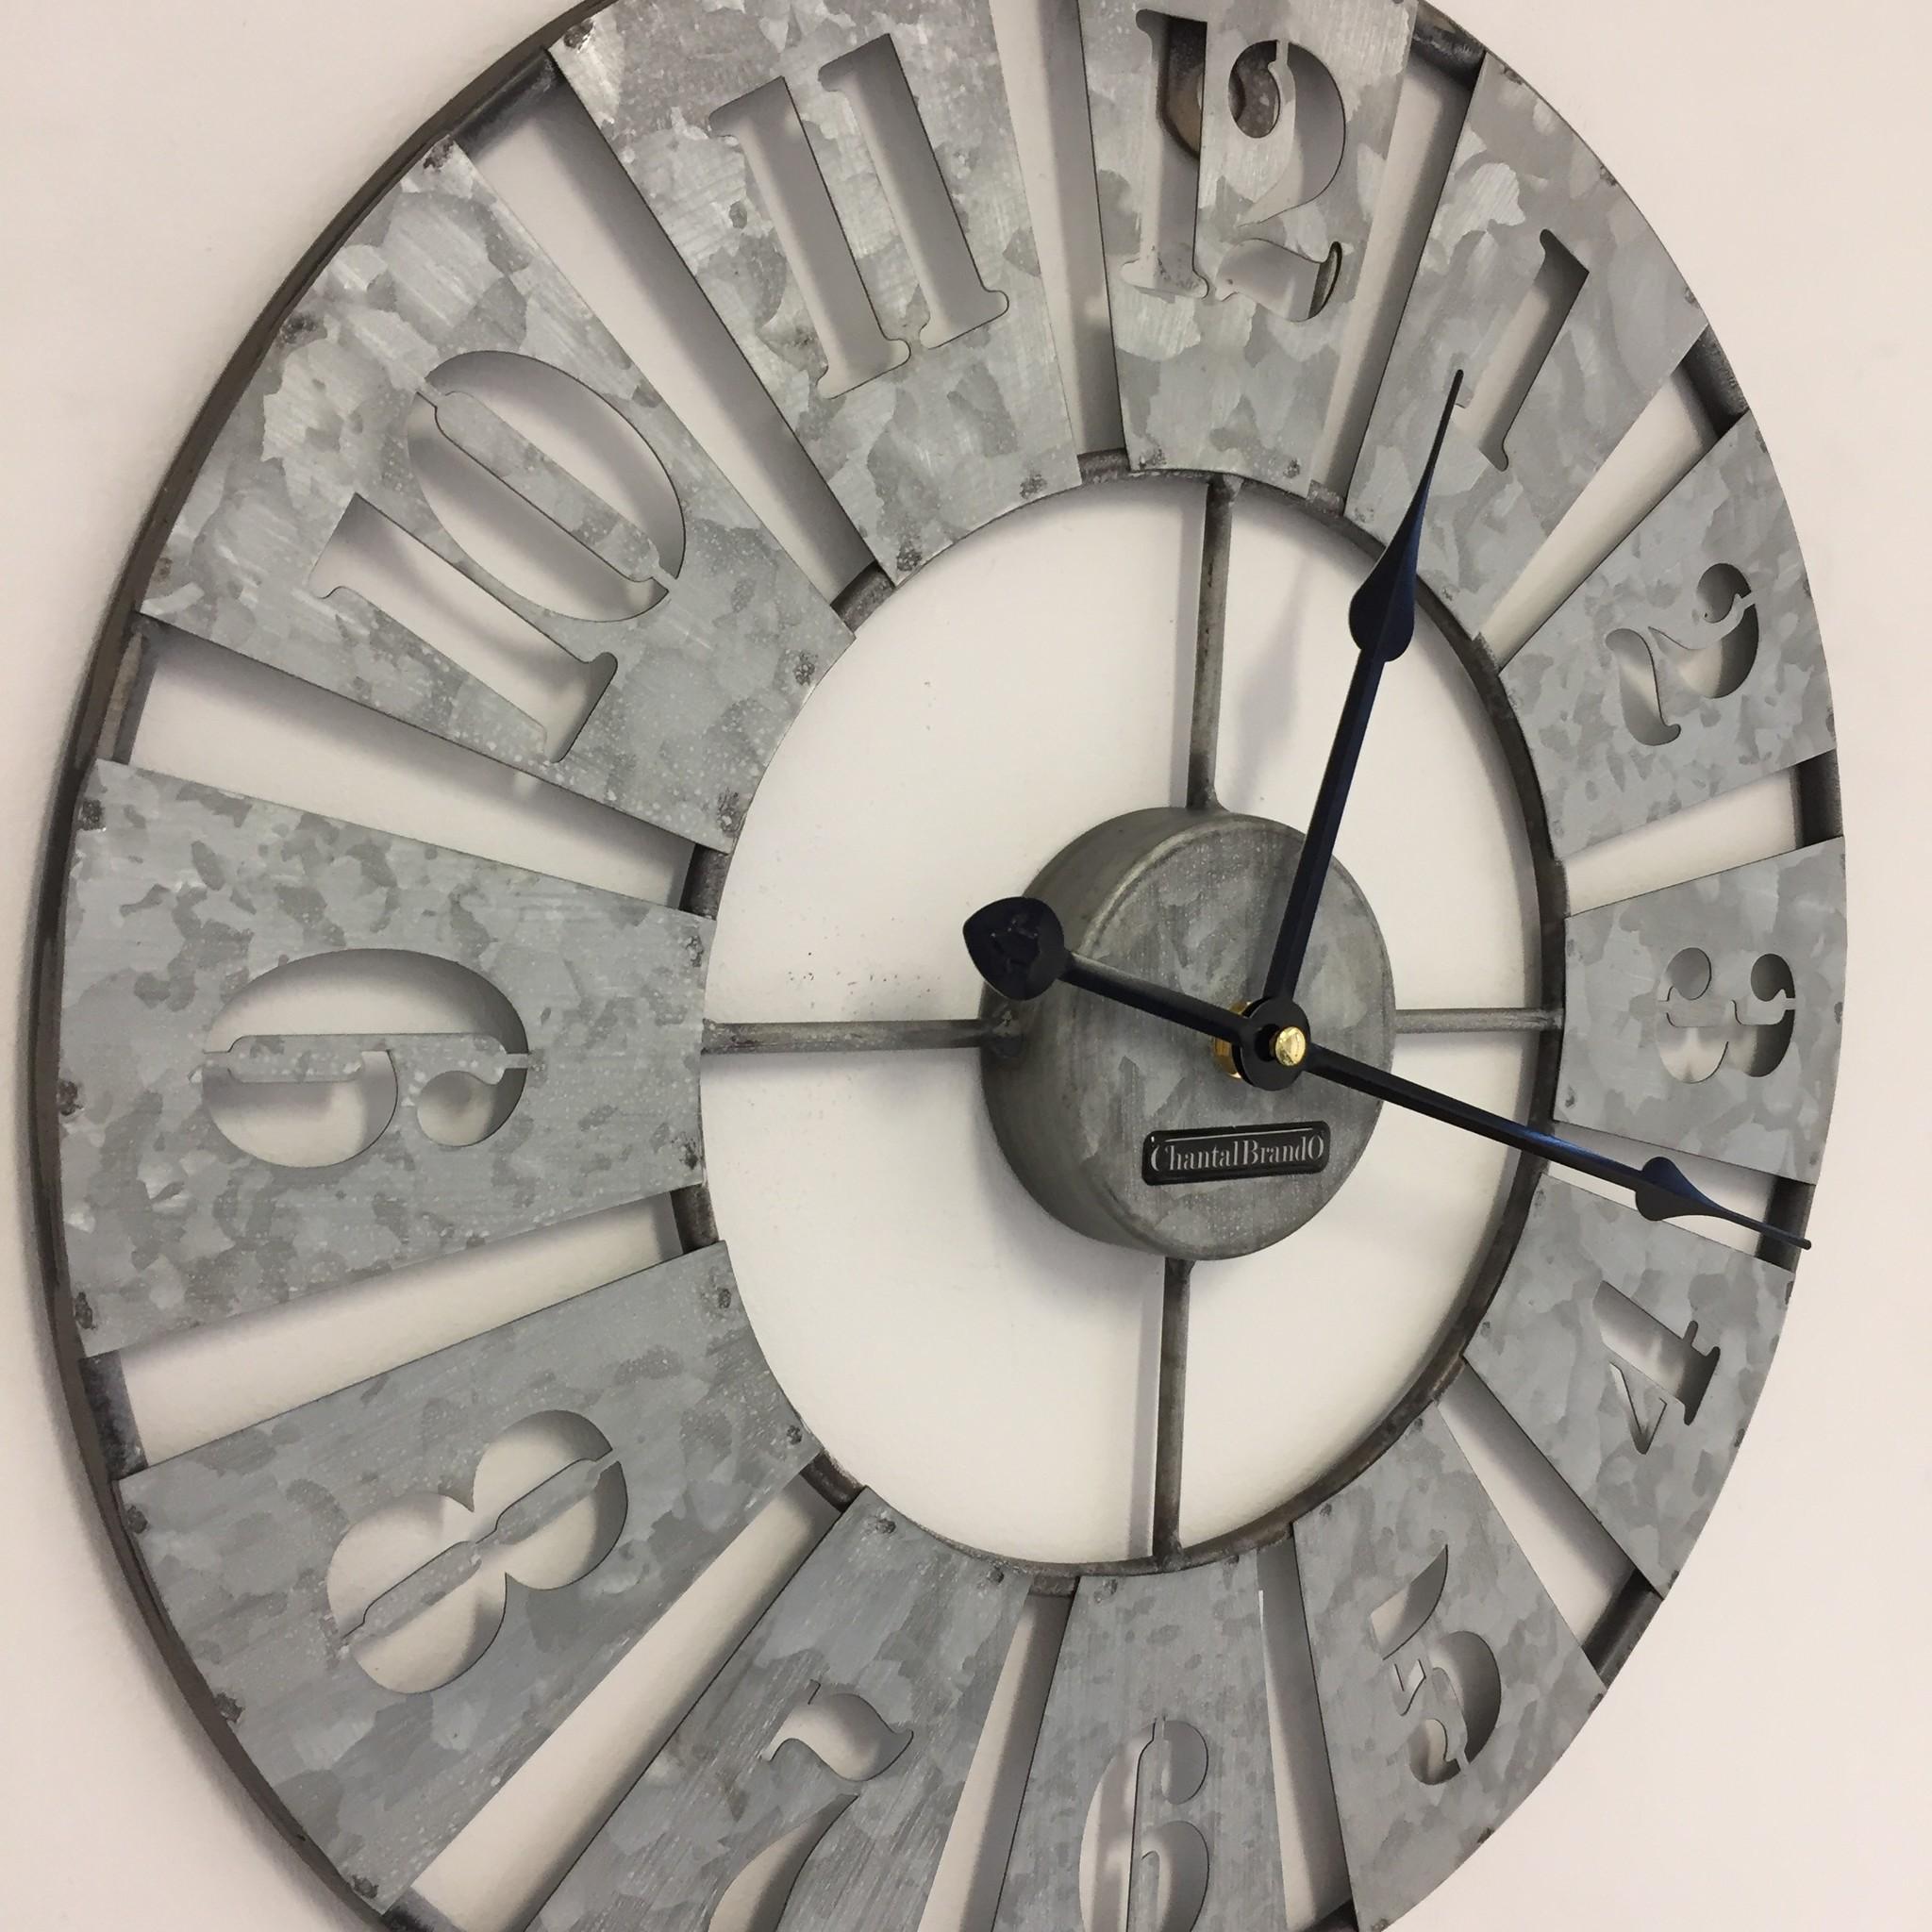 ChantalBrandO Wandklok in zink metaal design